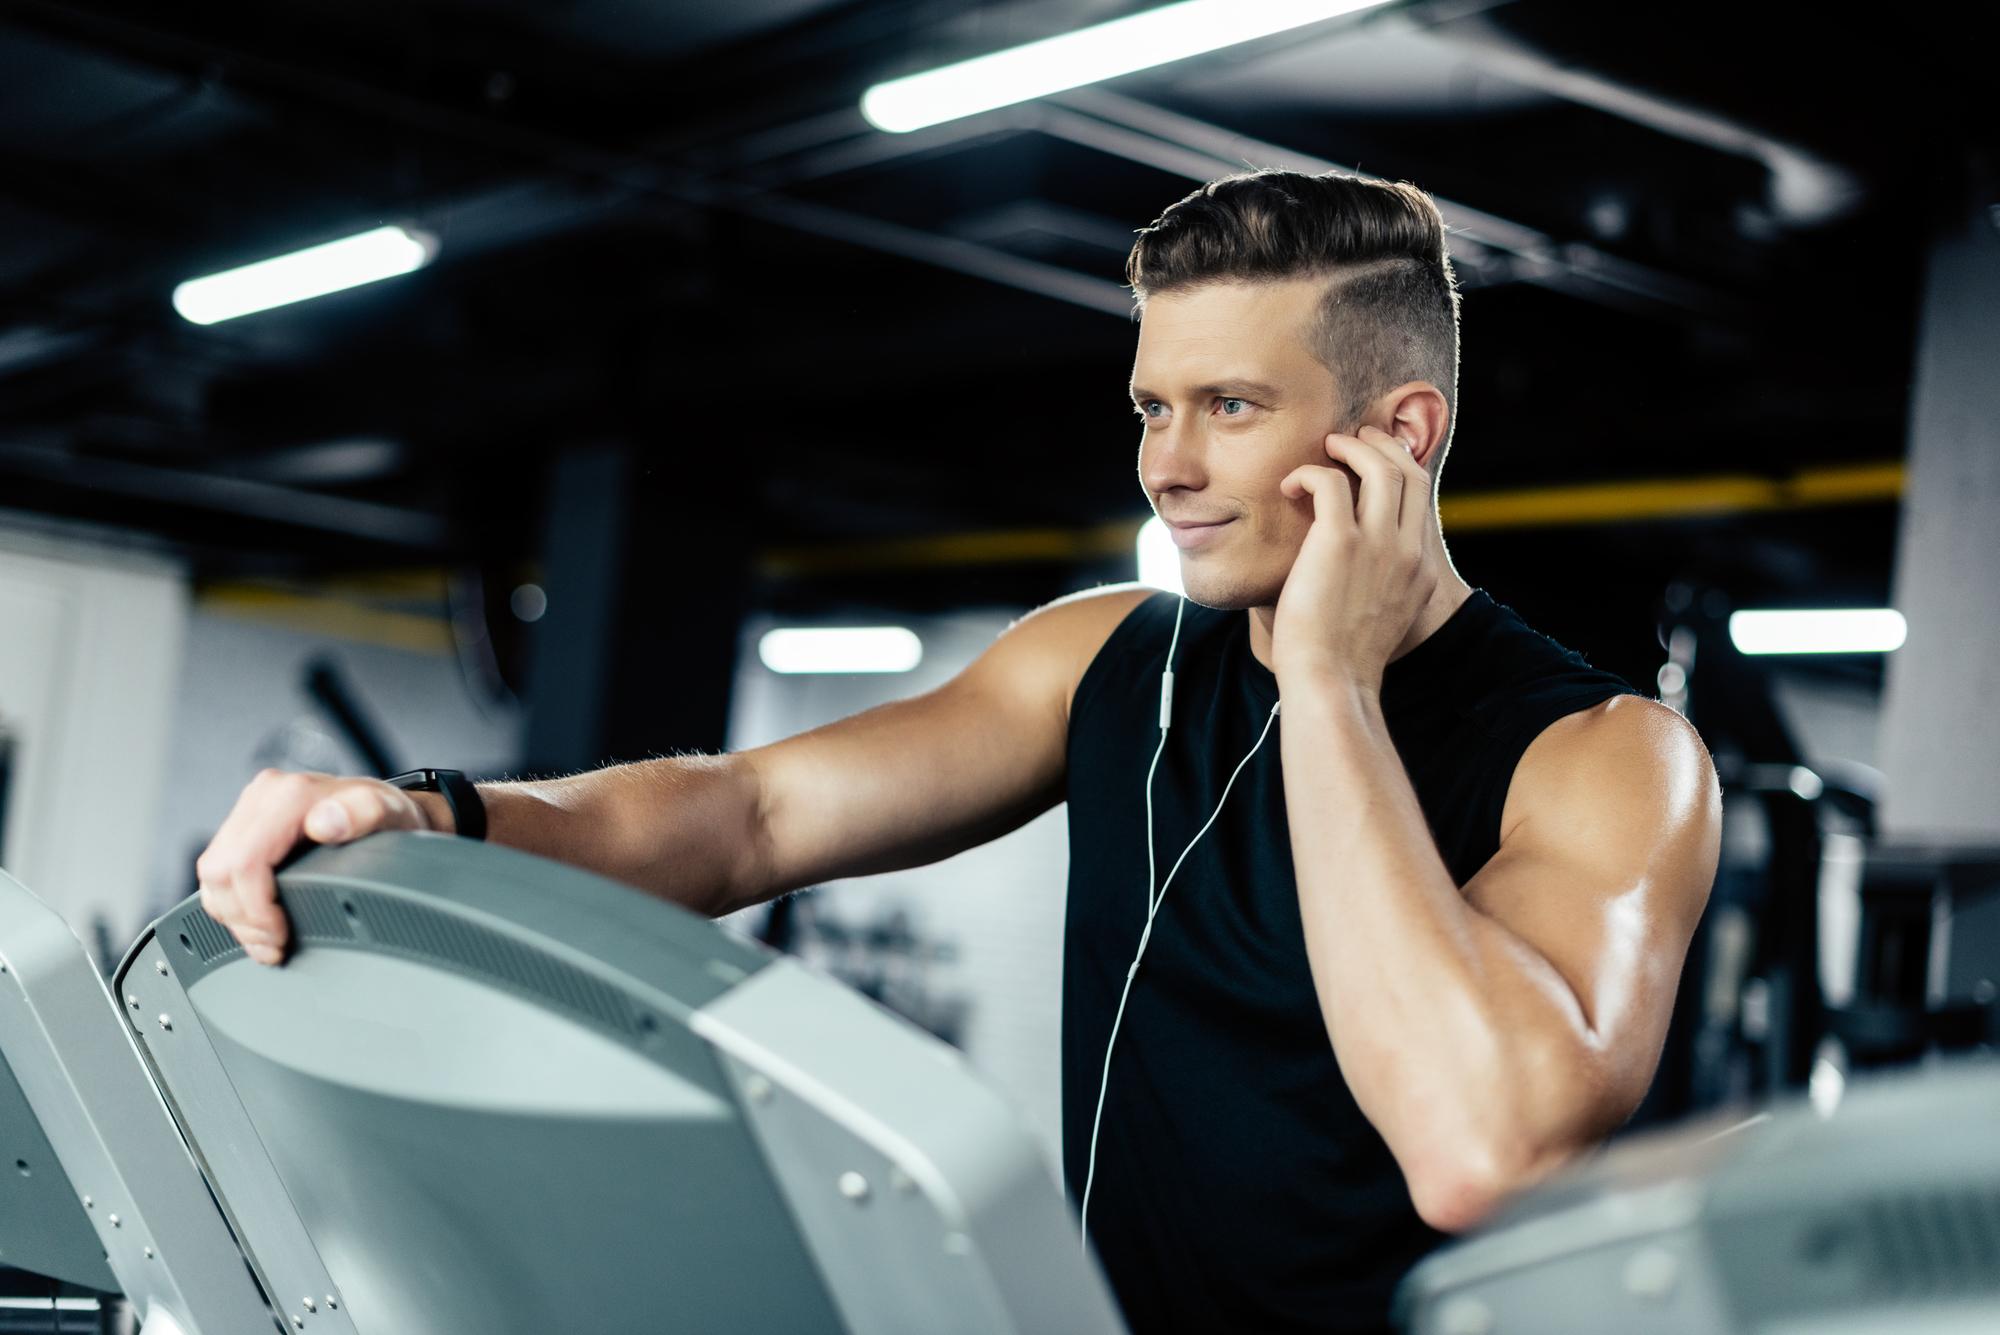 c169720e24d Sådan forbrænder du flere kalorier til træning – Infomand.dk